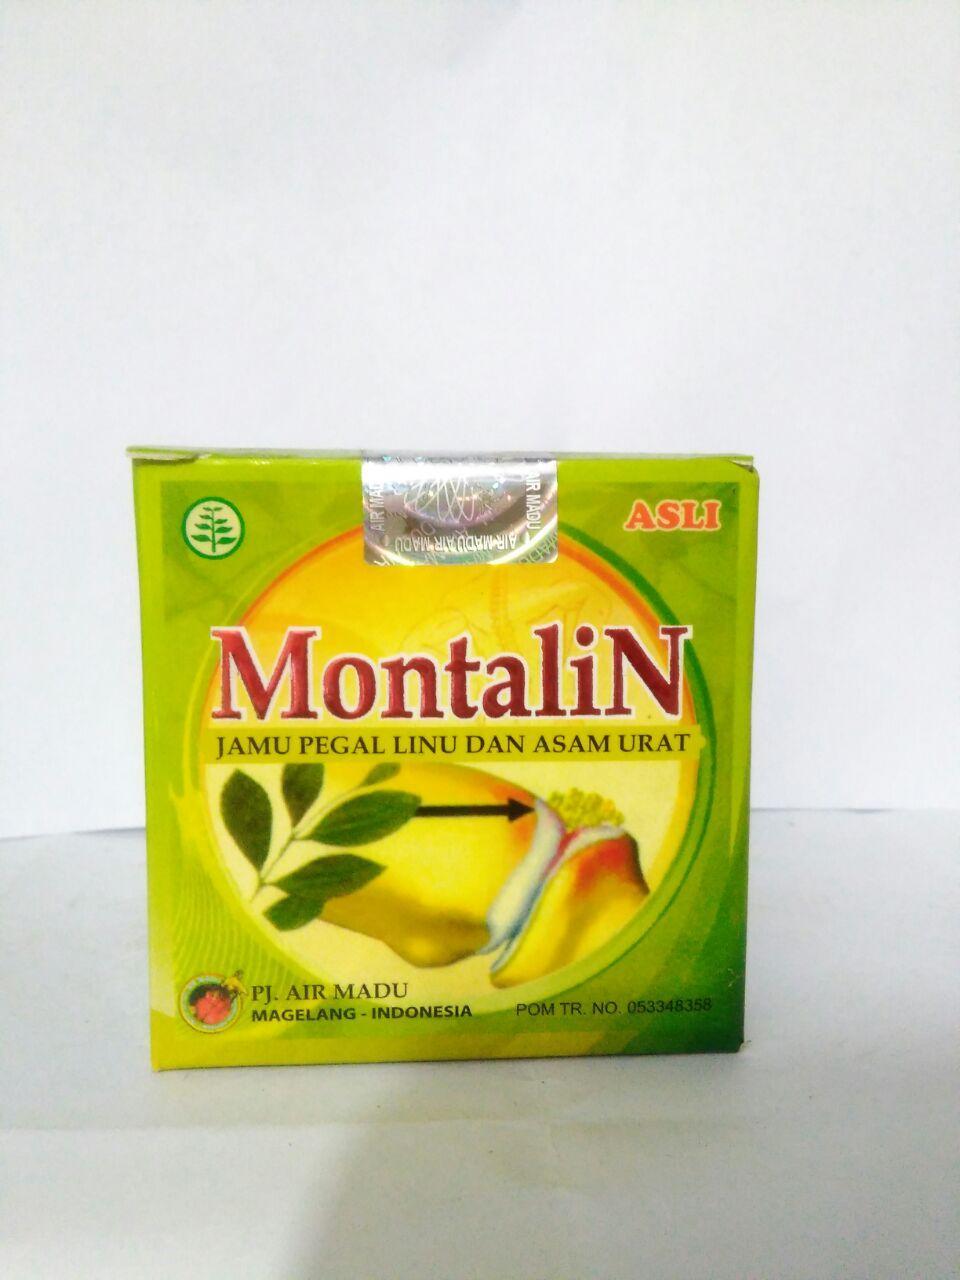 MONTALIN Jamu Pegal Linu dan Asam Urat ( Original ) PJ. AIR MADU Magelang - Indonesia